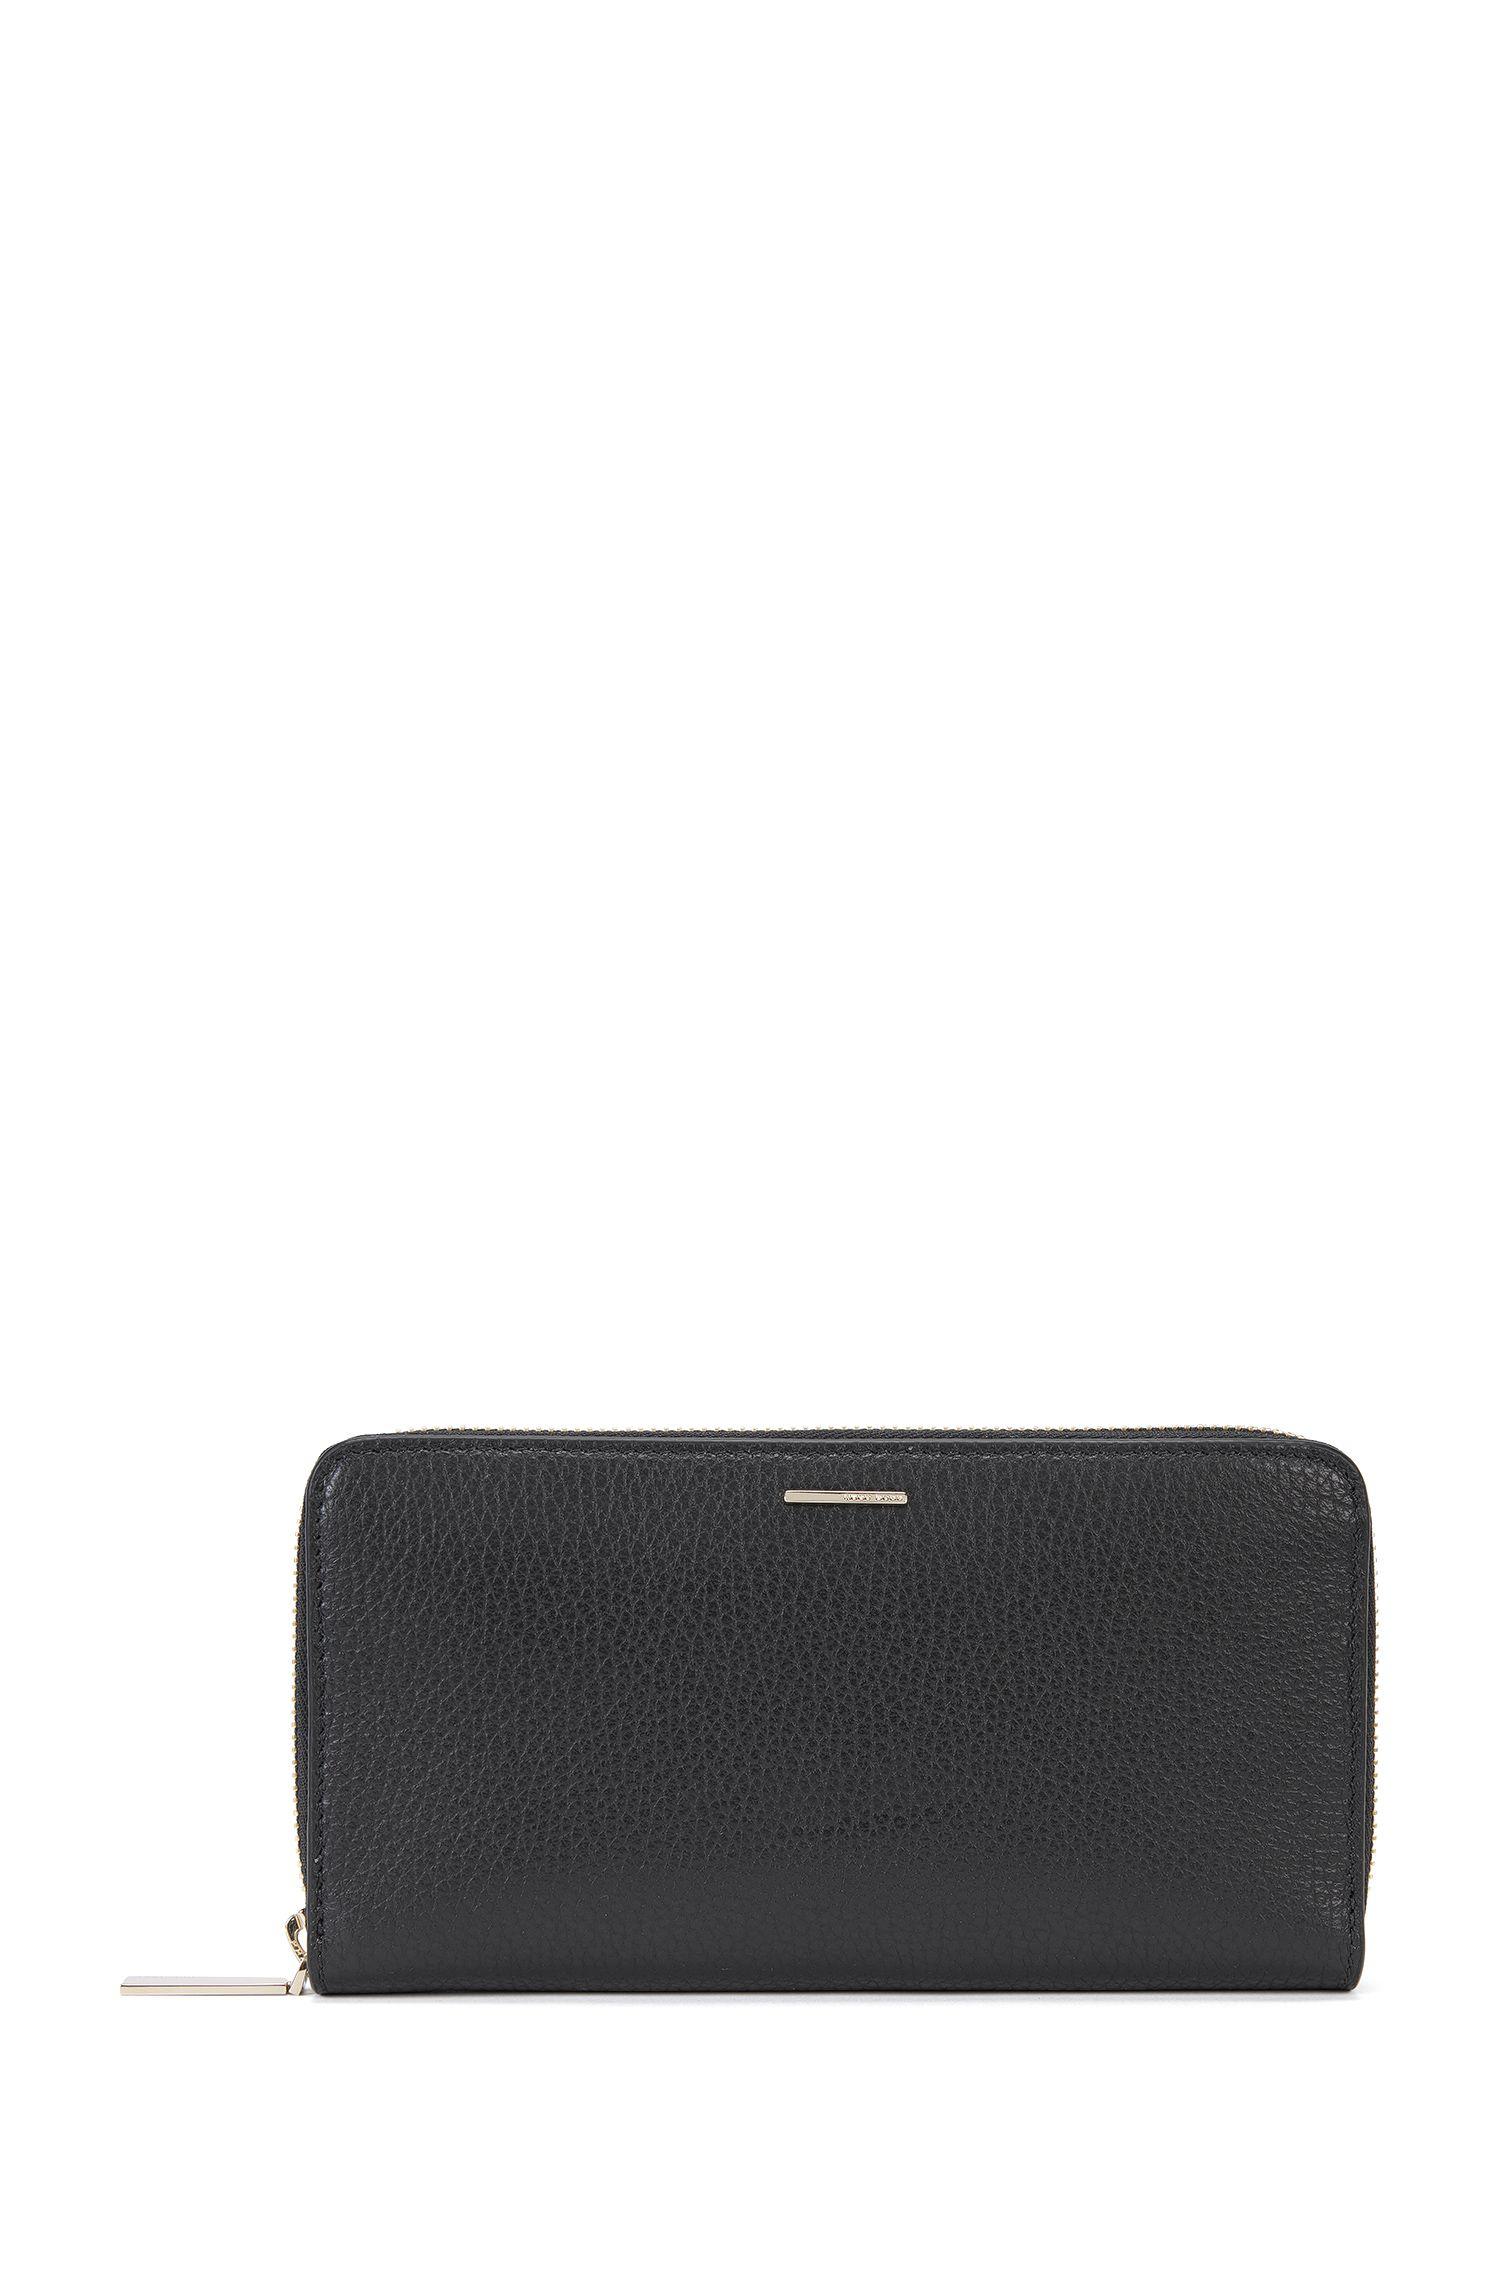 Geldbörse aus genarbtem Leder aus der BOSS Luxury Staple Kollektion